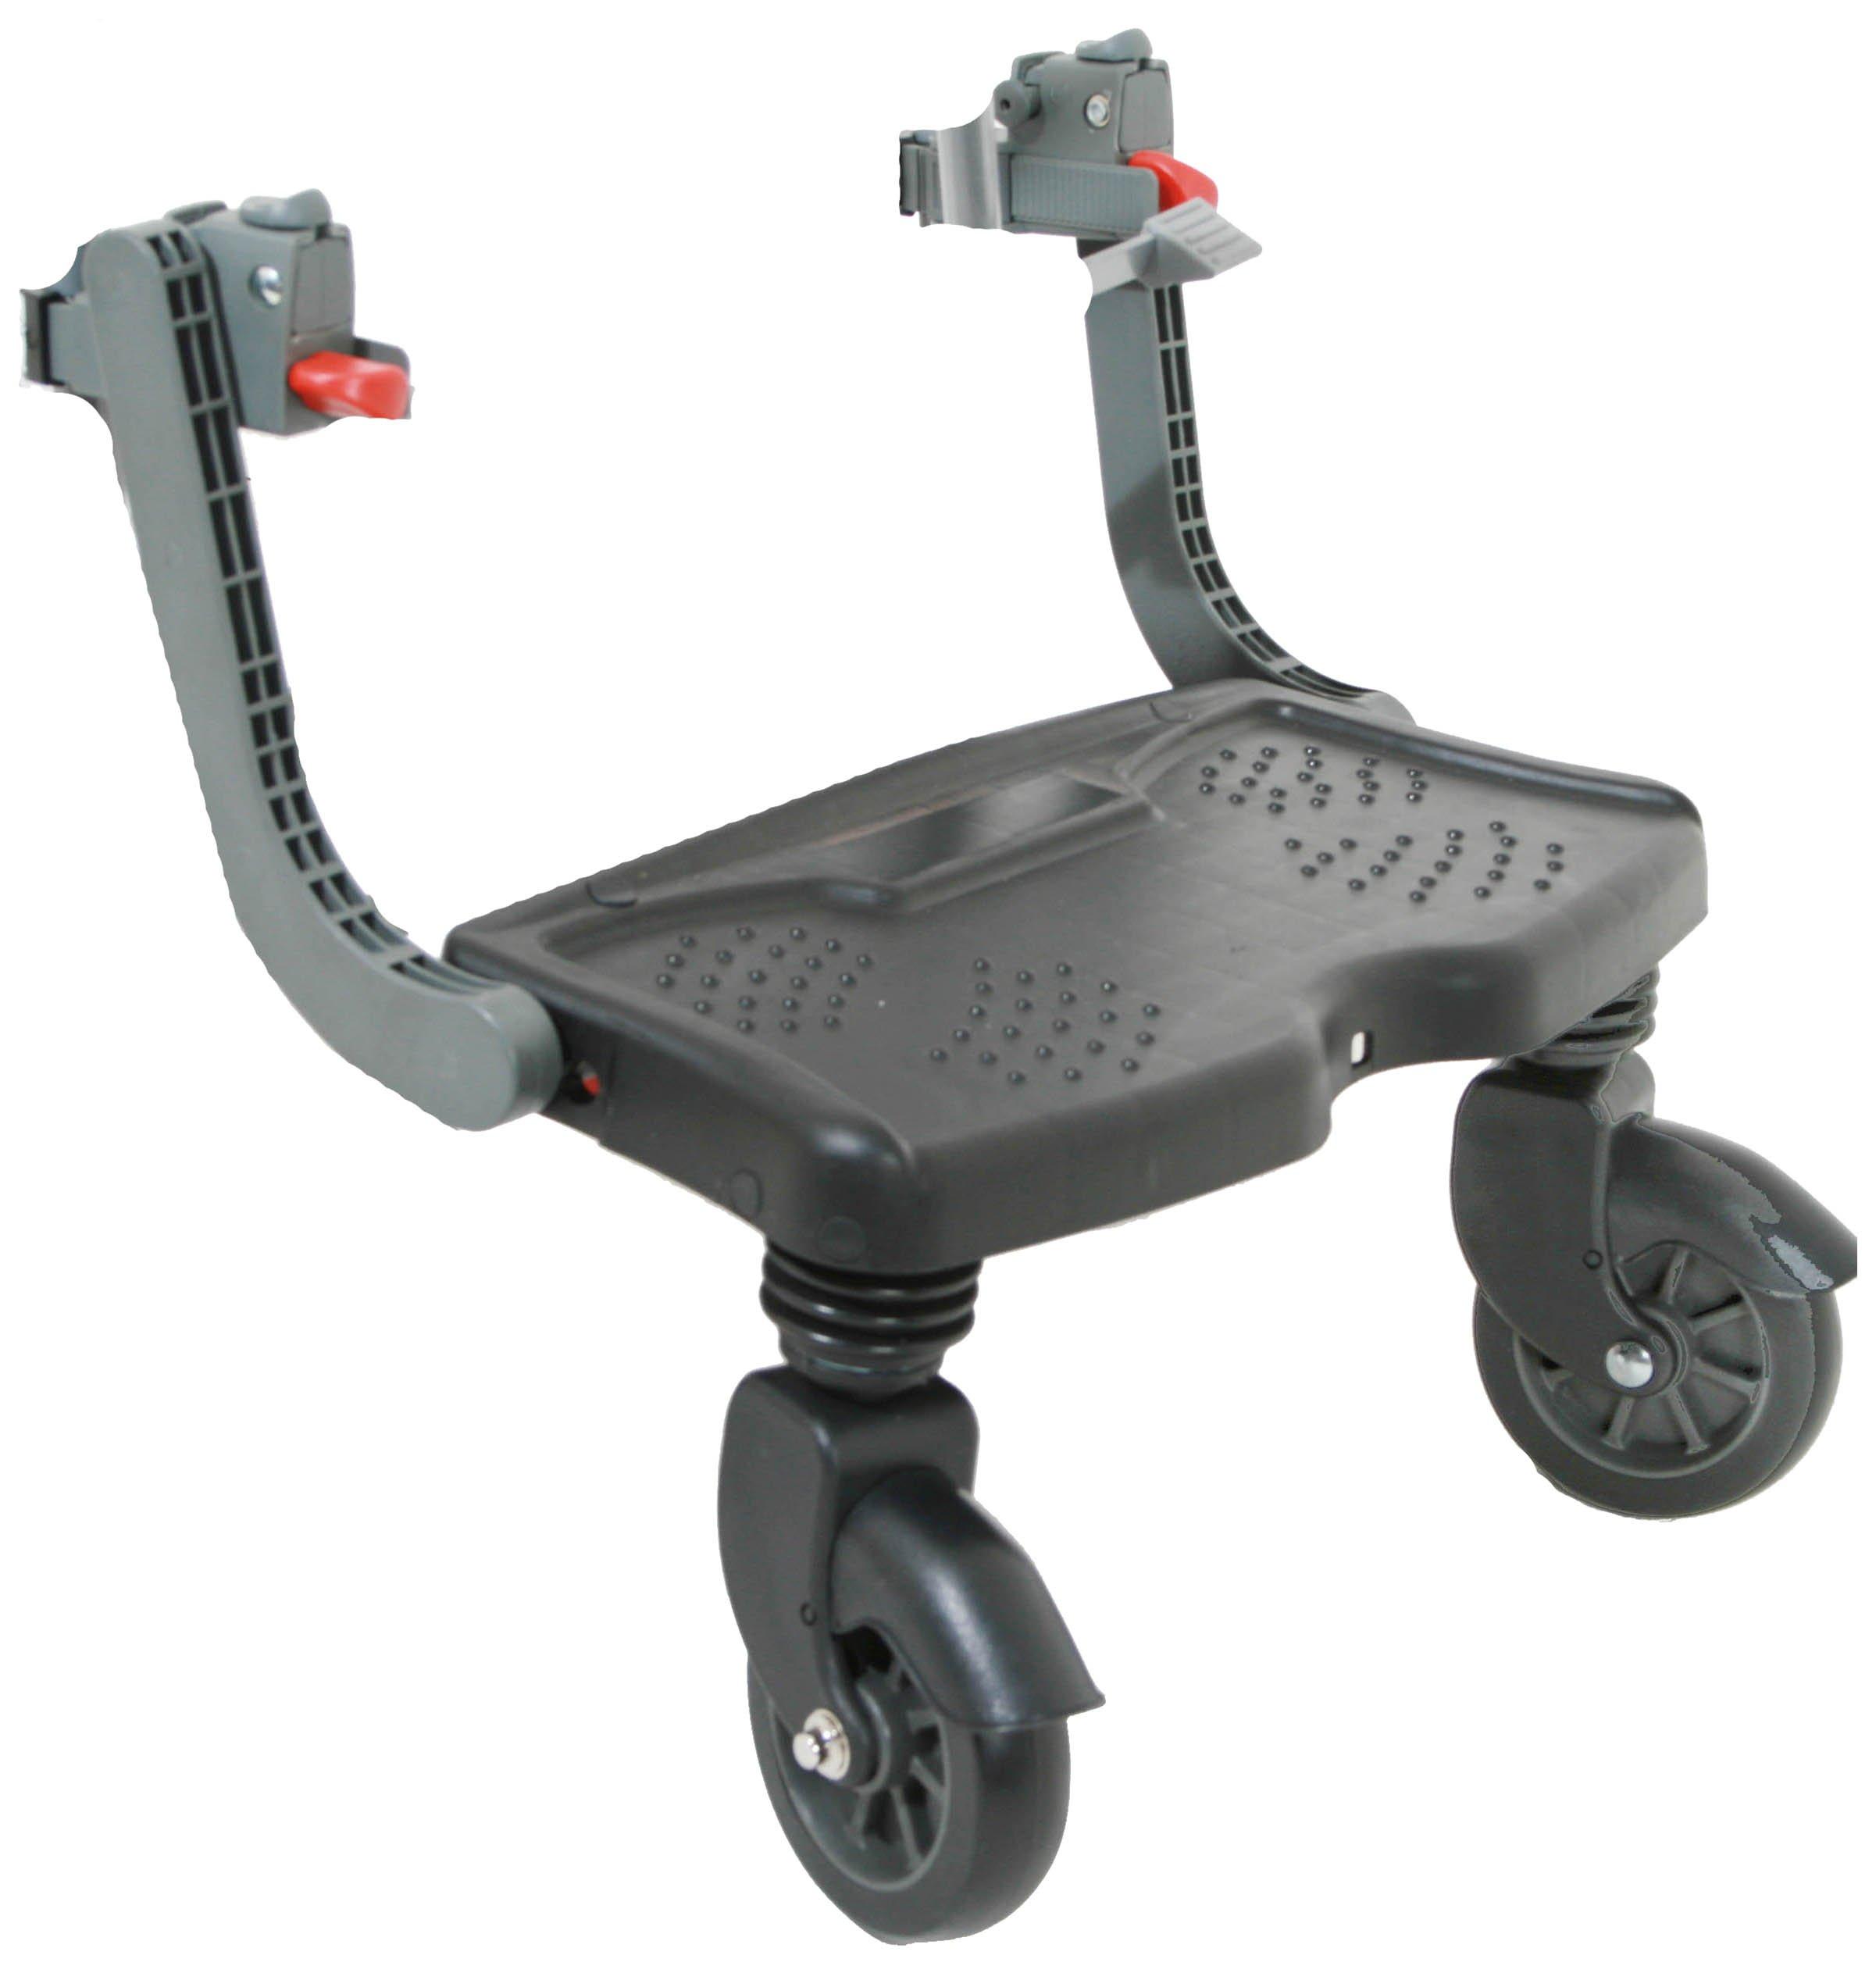 Mychild Mychild On Board Stroller Board Black 2